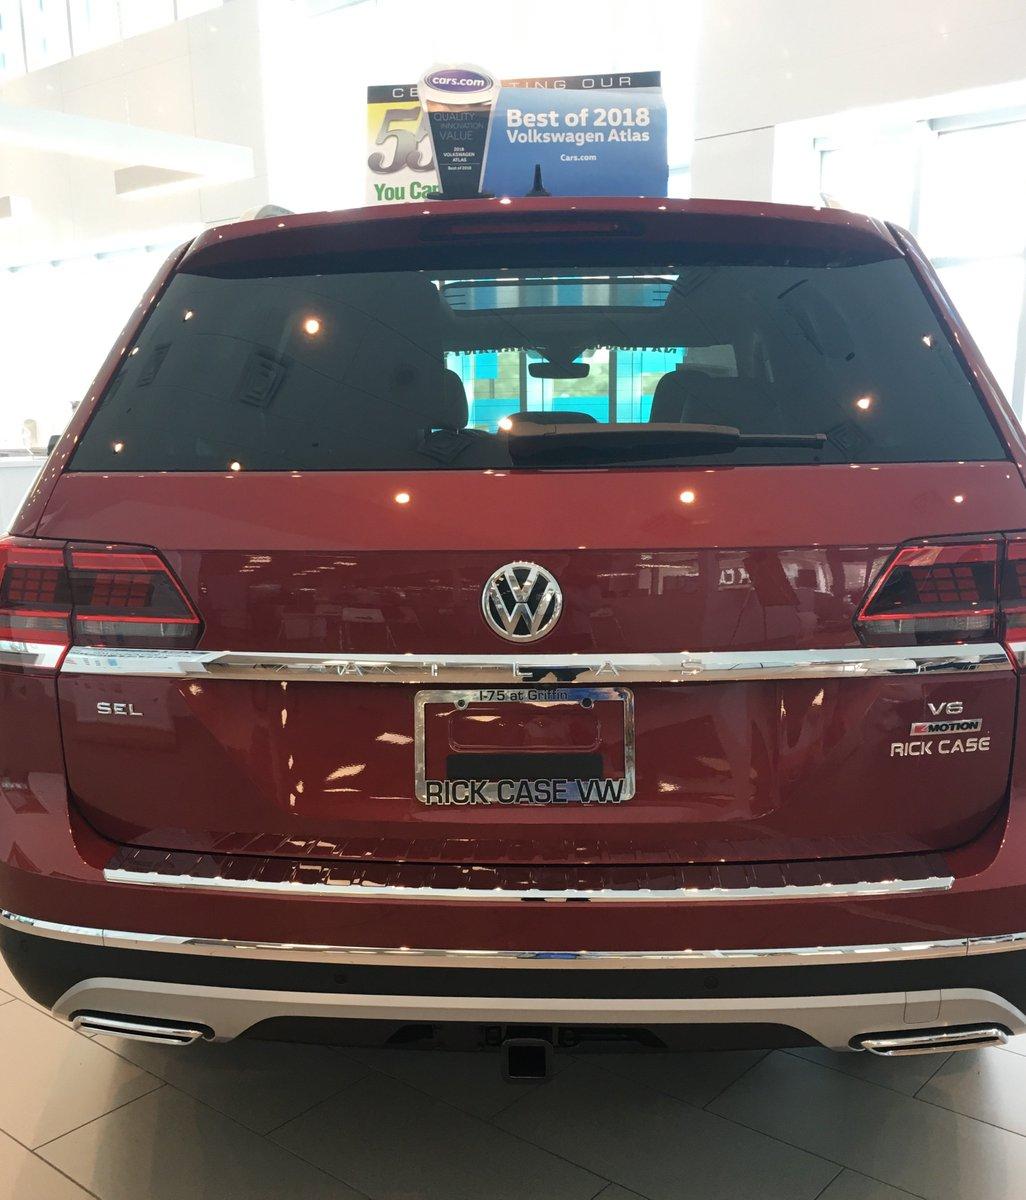 Rick Case Volkswagen